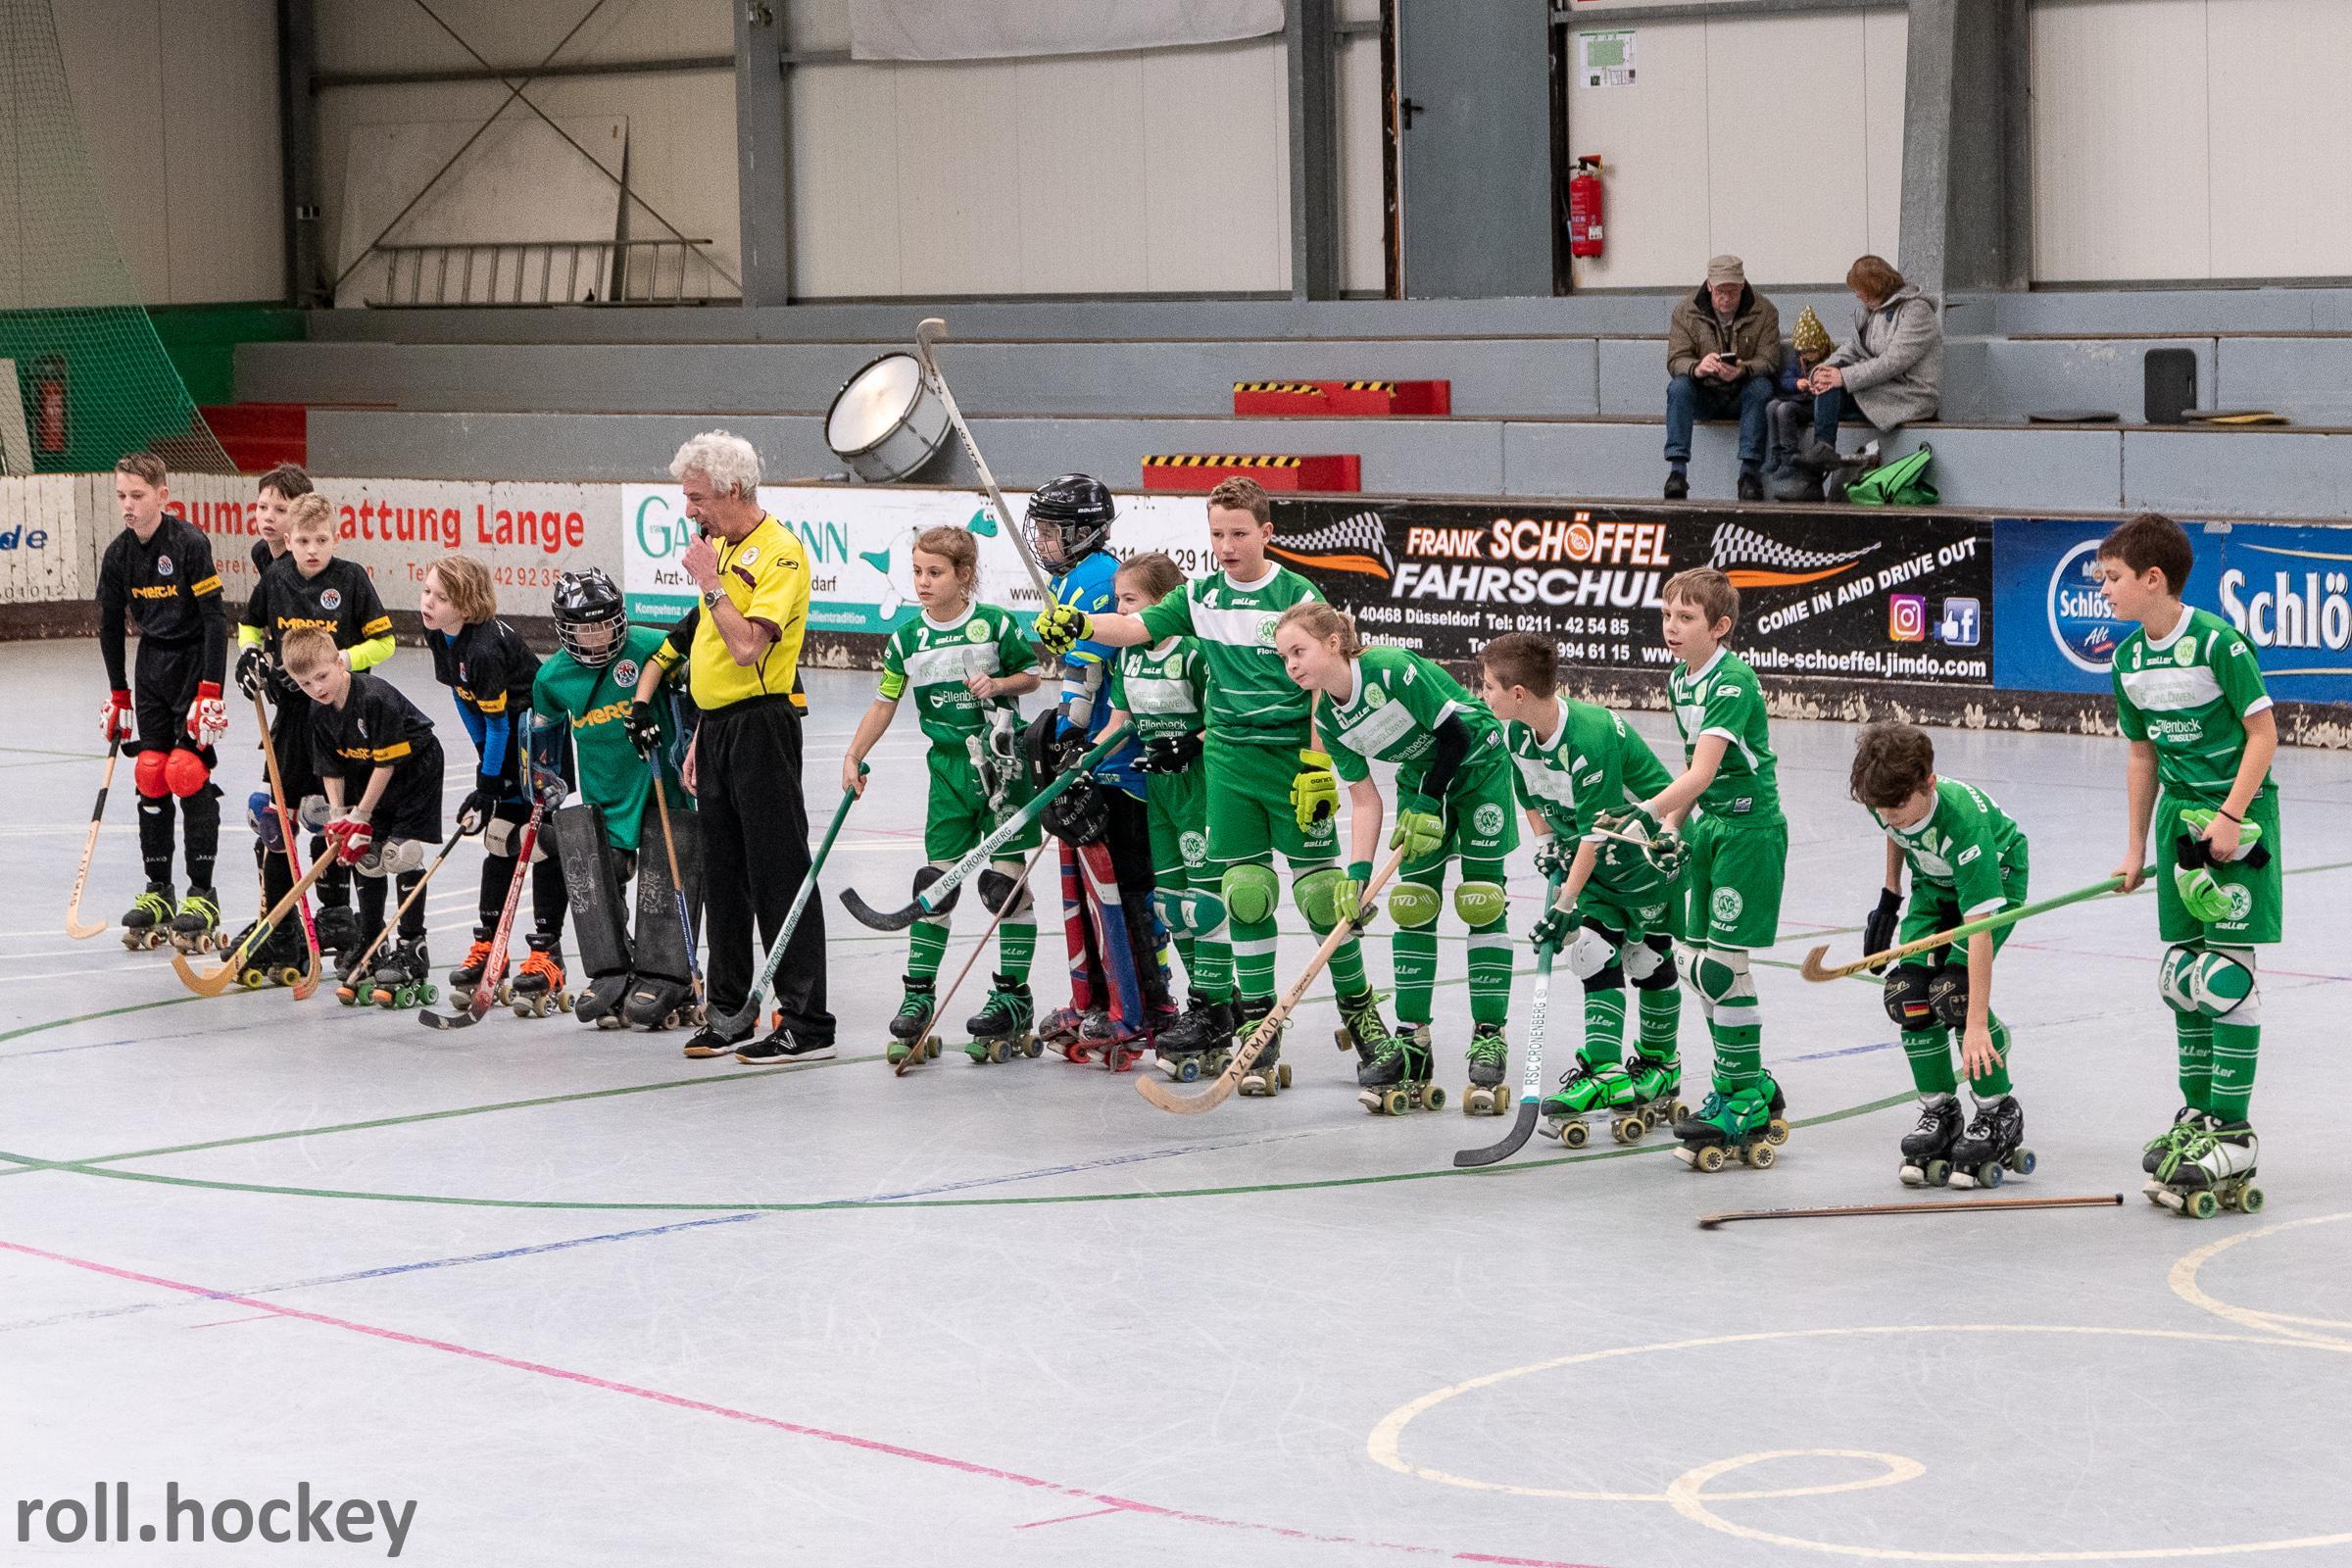 RSC Cronenberg Rollhockey Spieltag U13 10.02.2019